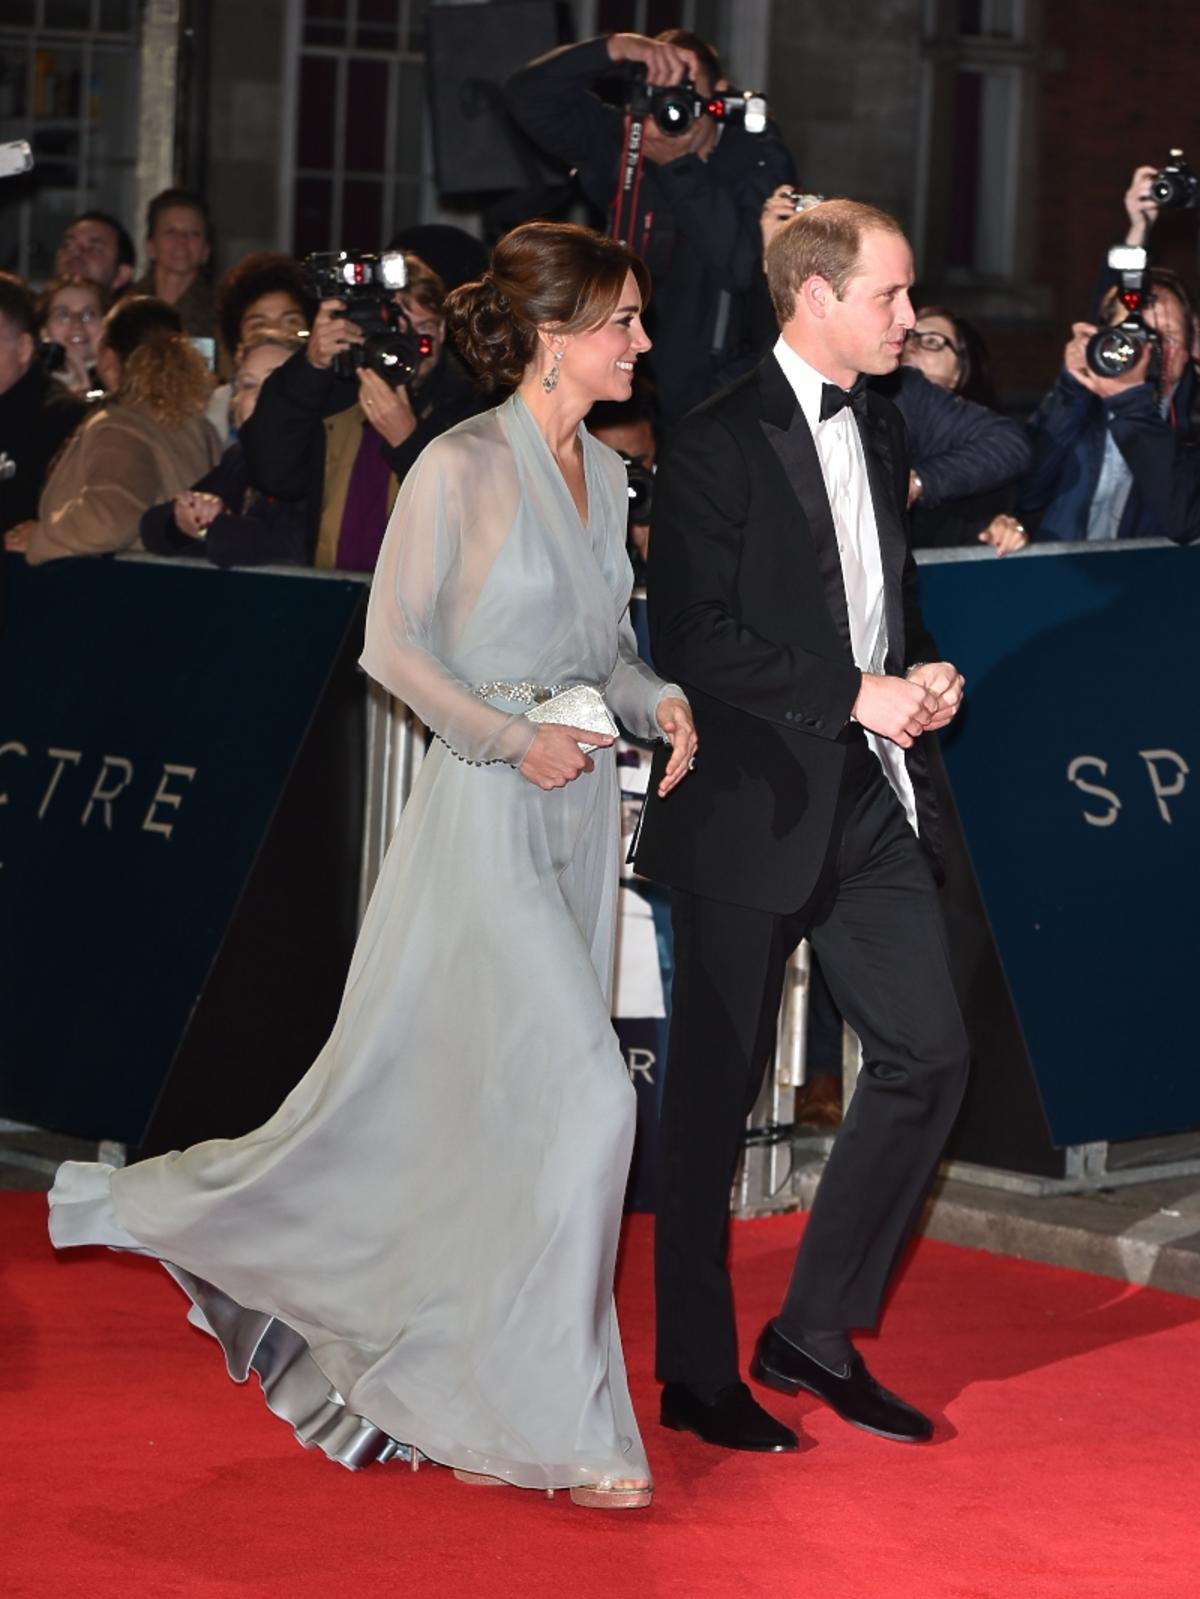 Księżna Kate w szarej sukni, książę William w garniturze